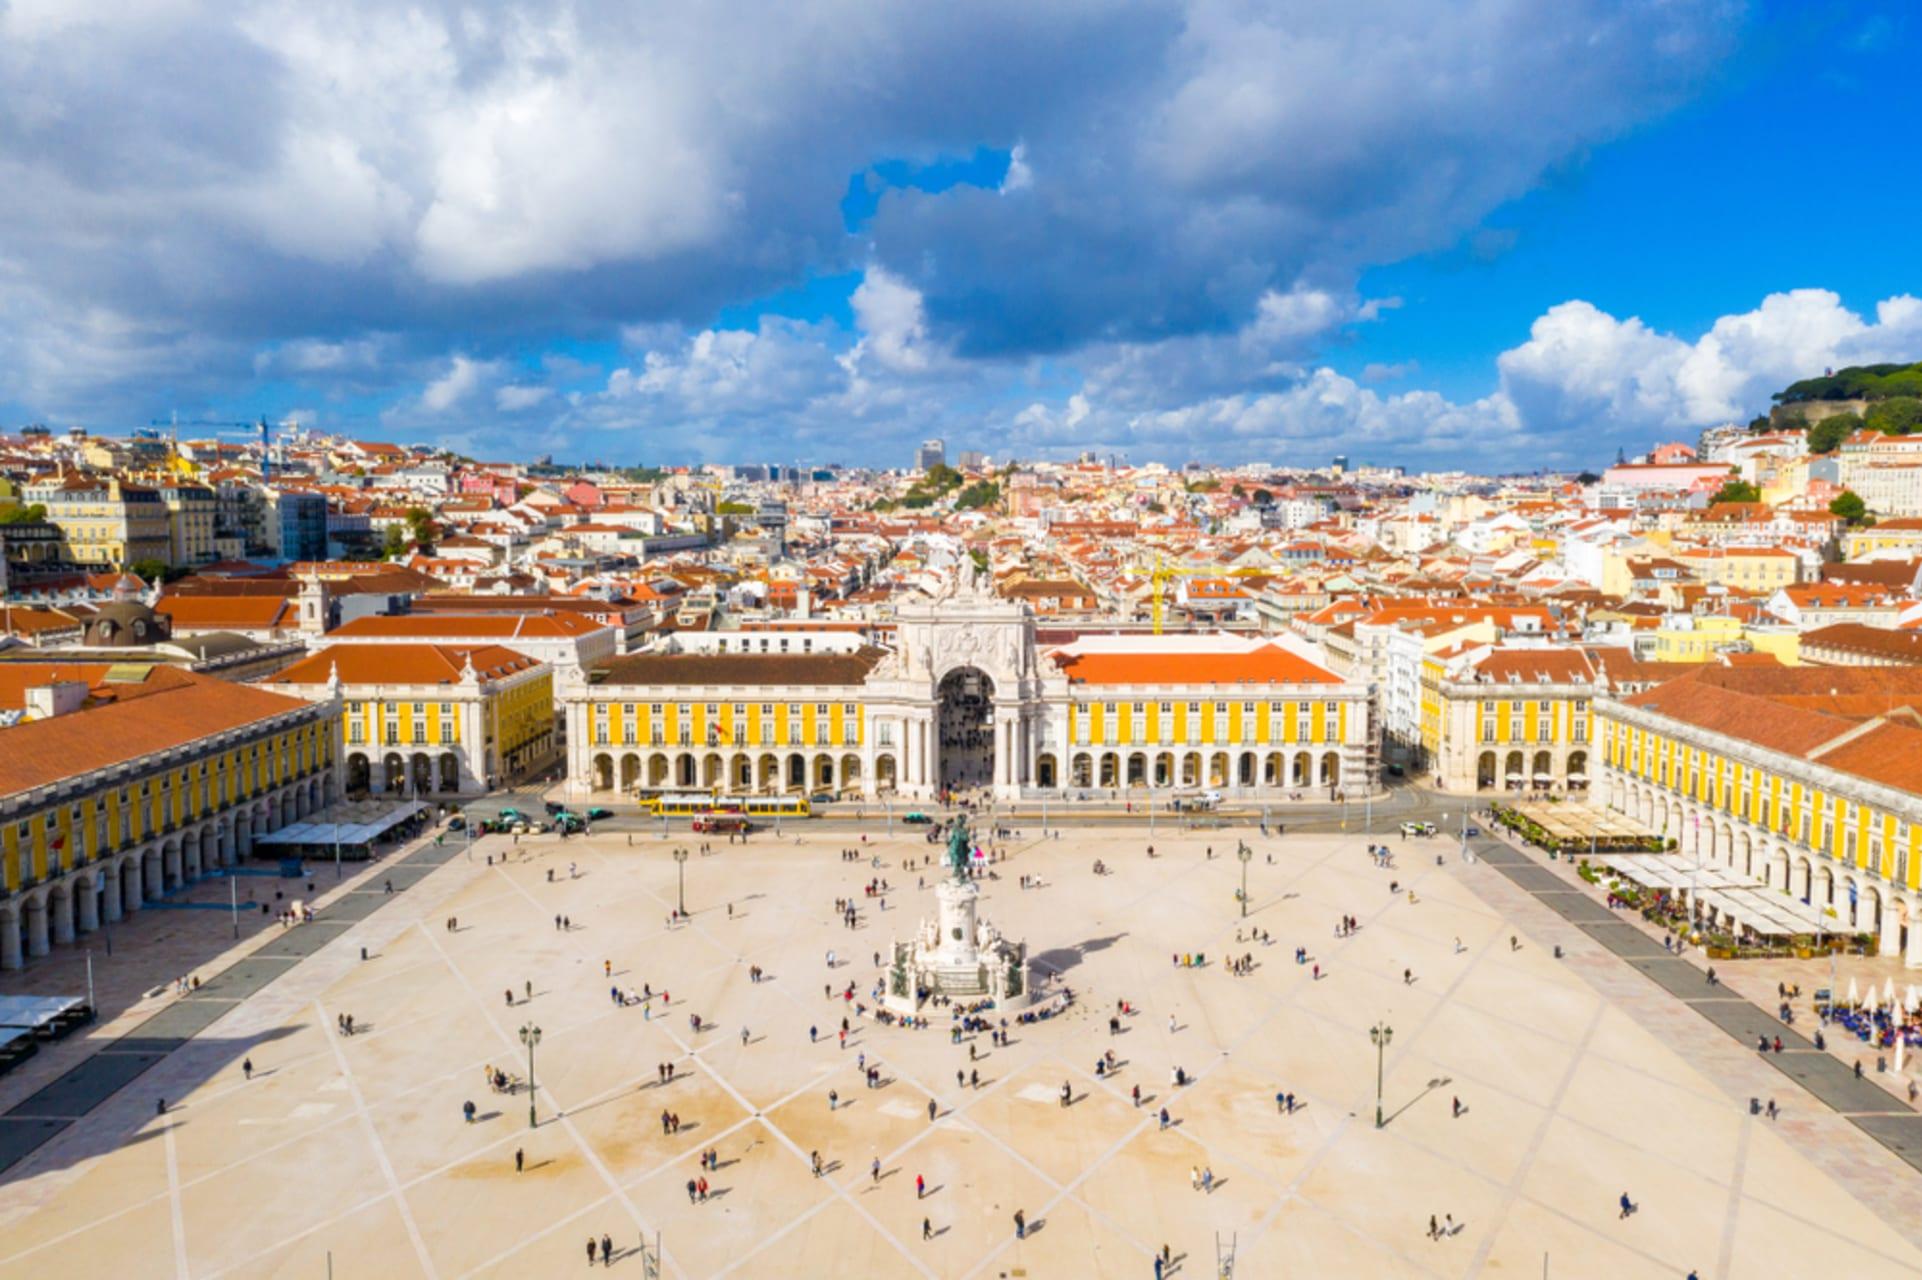 Lisbon - Post-earthquake Lisbon